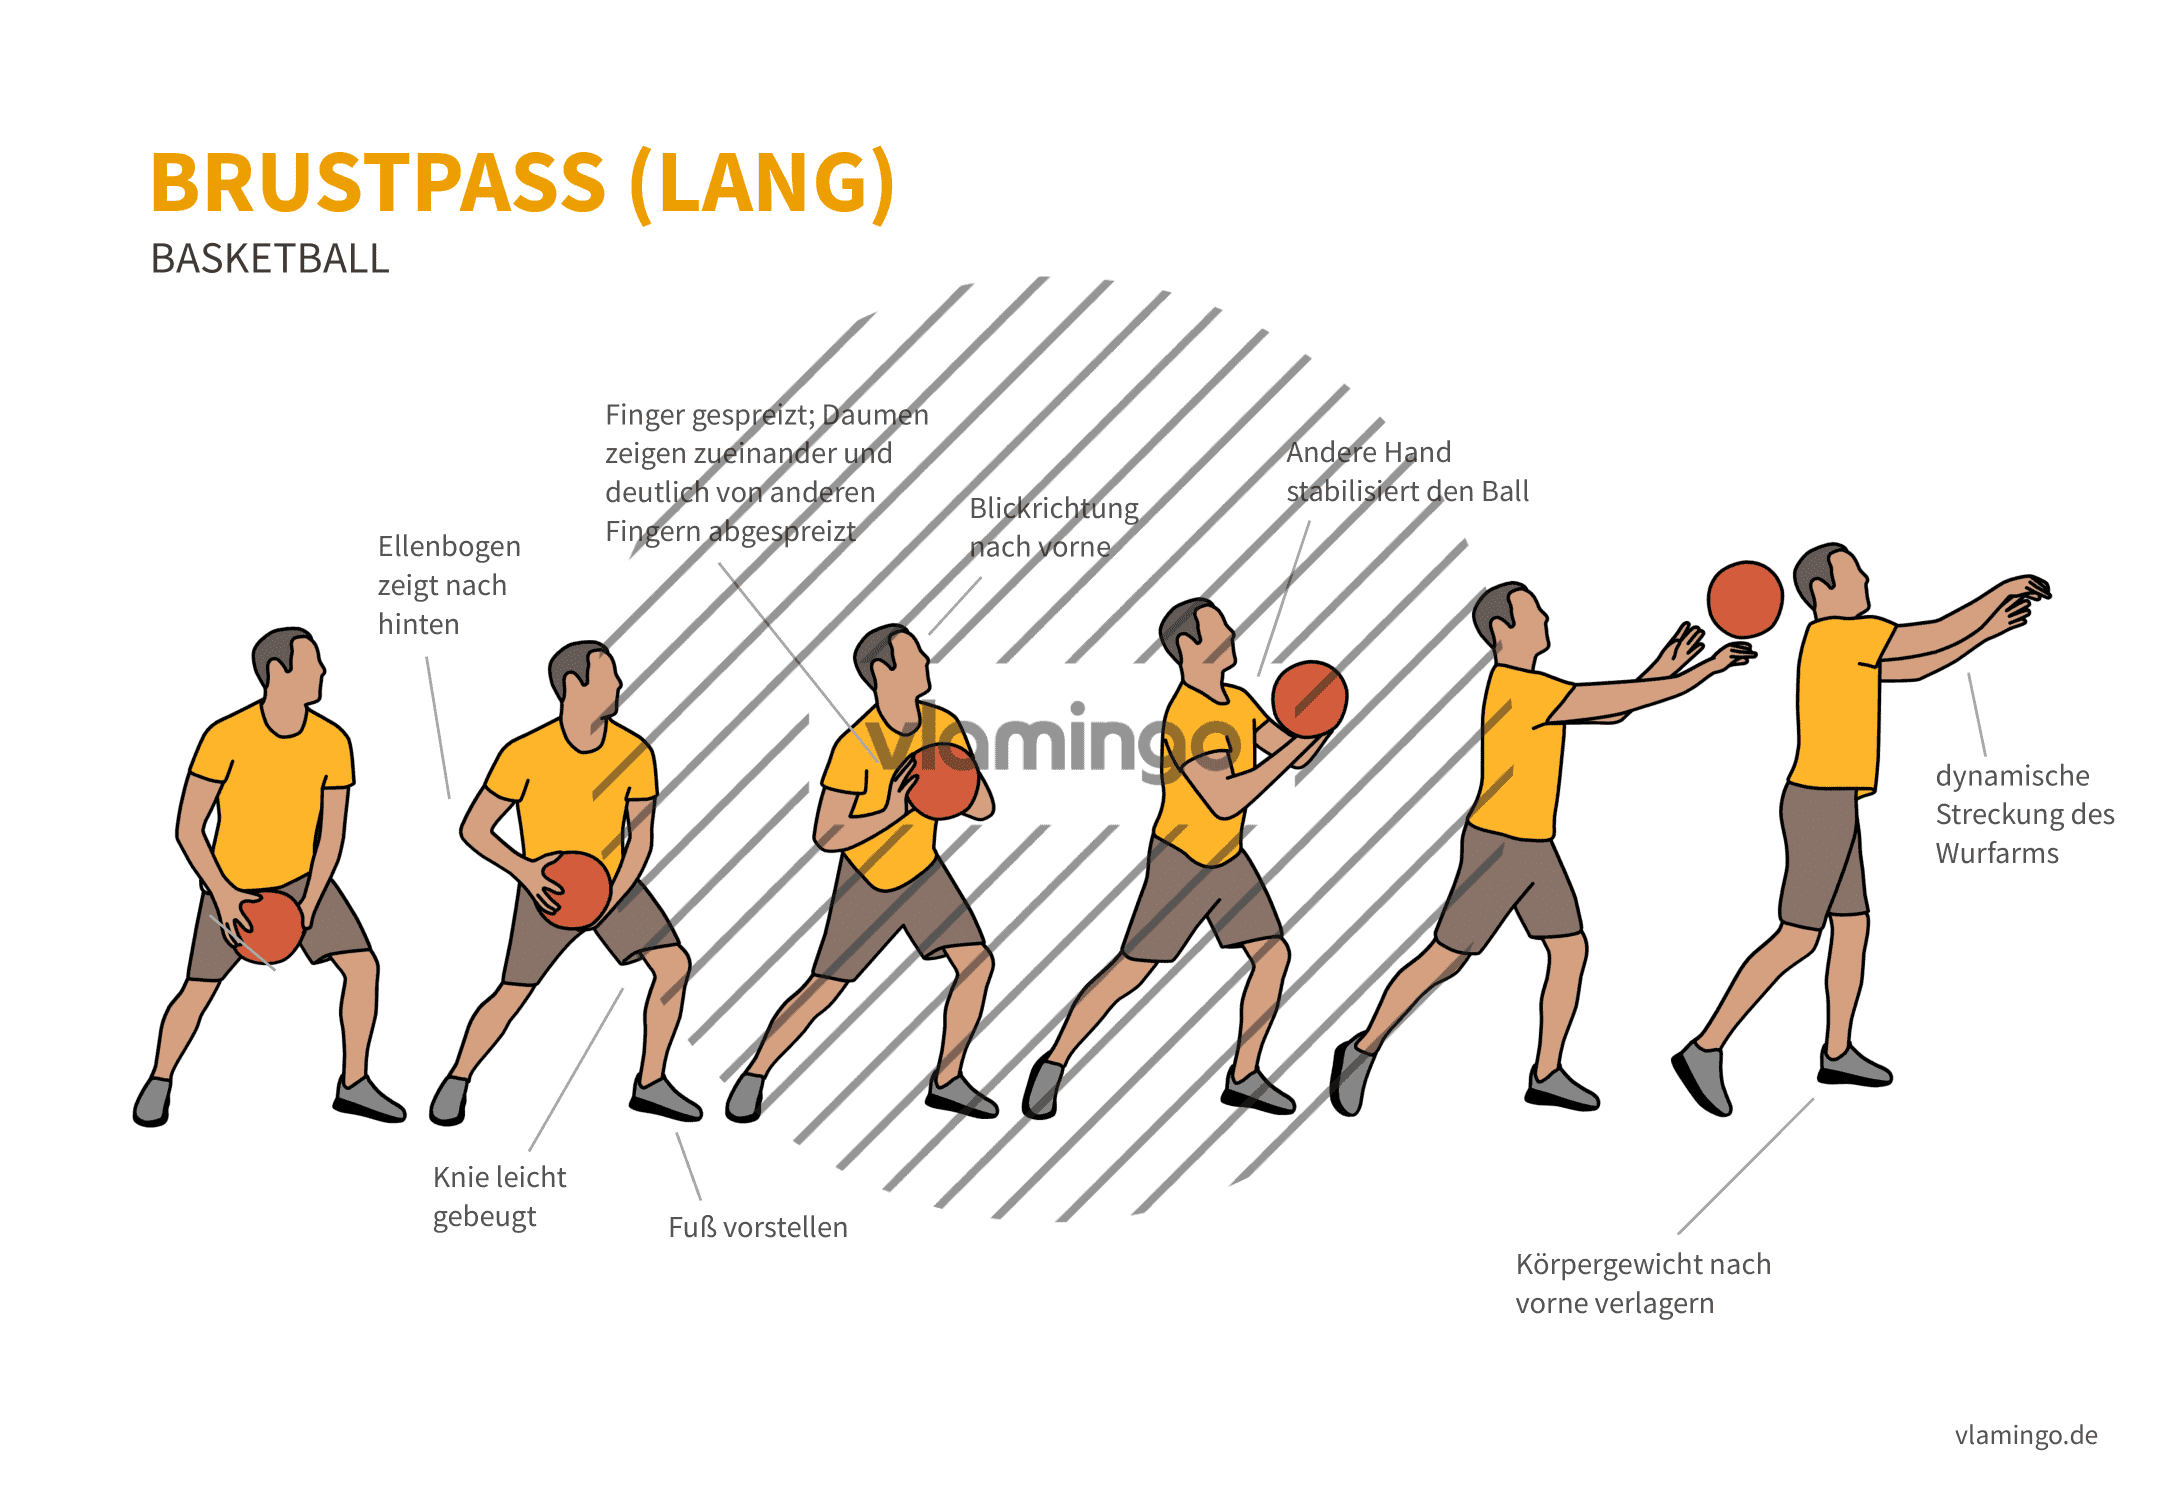 Basketball - Druckpass lang